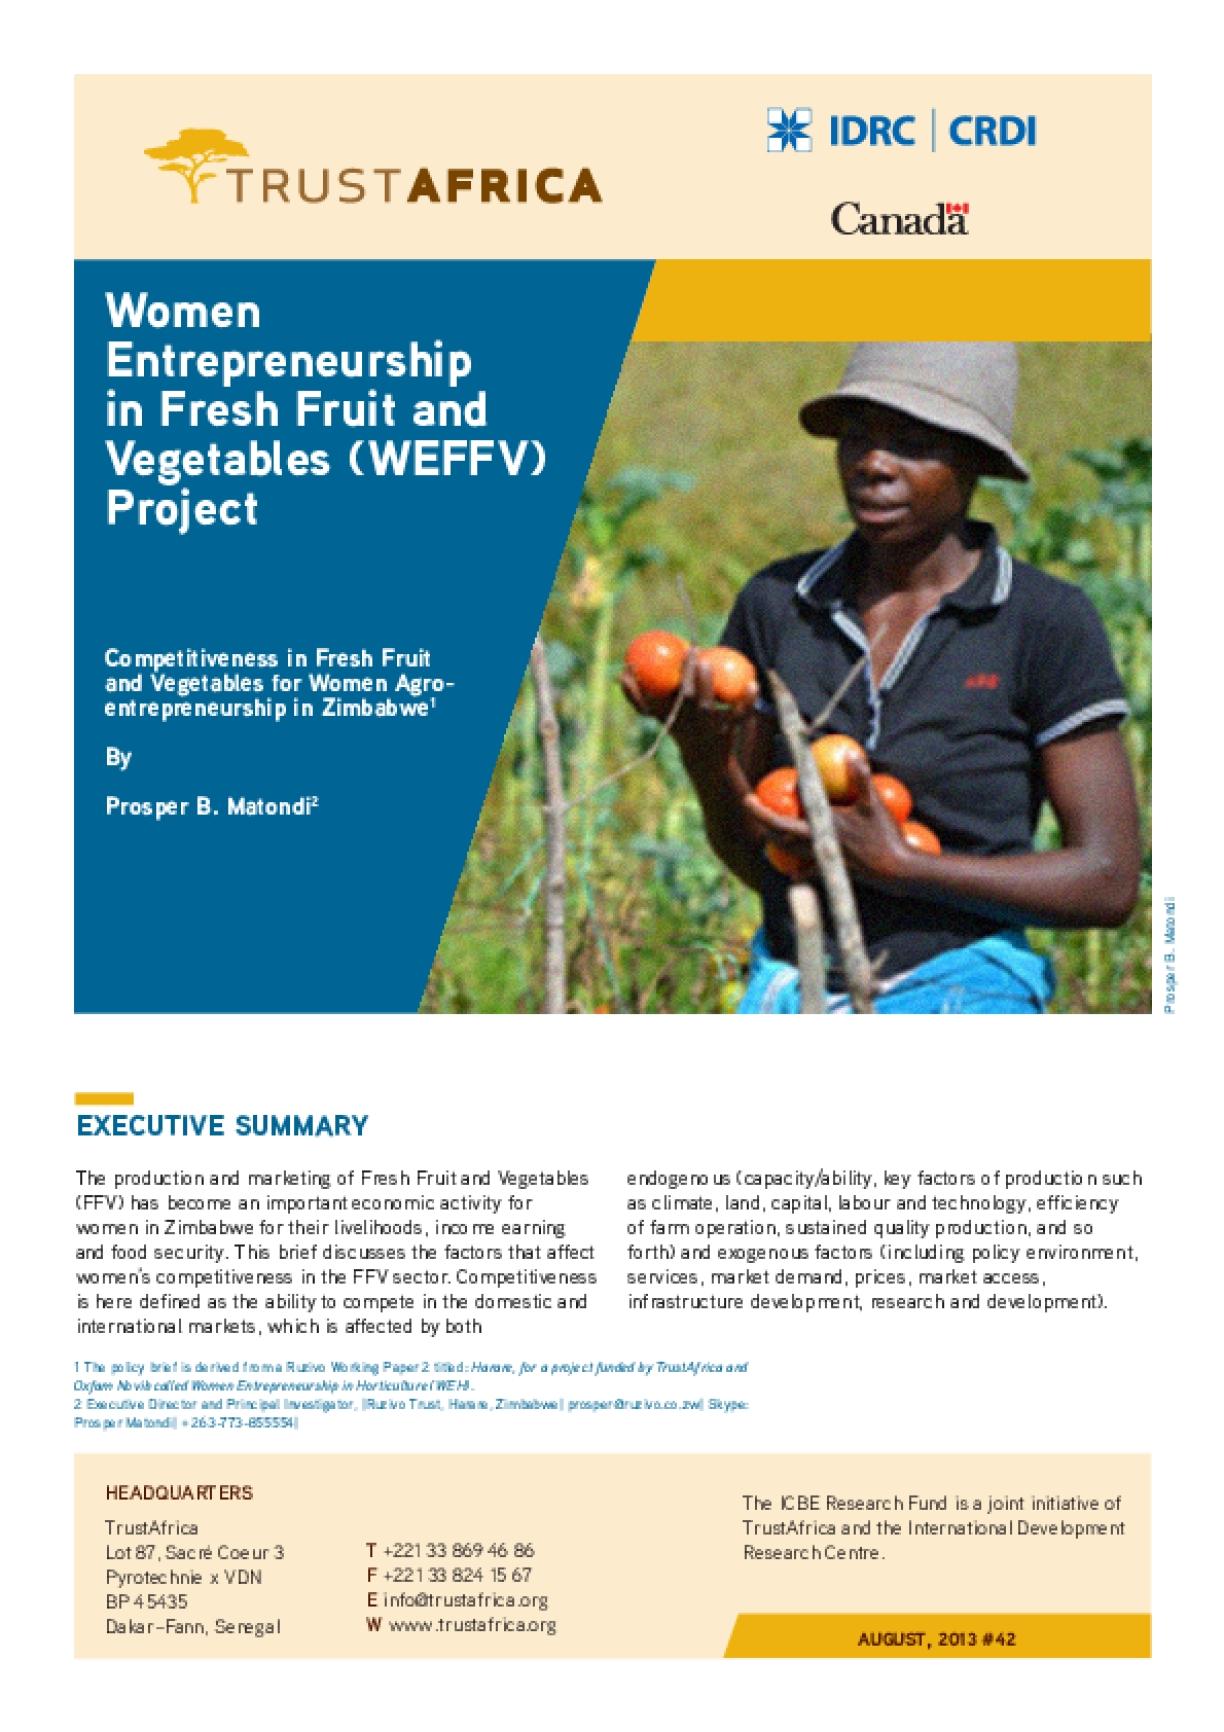 Women Entrepreneurship in Fresh Fruit and Vegetables (WEFFV) Project